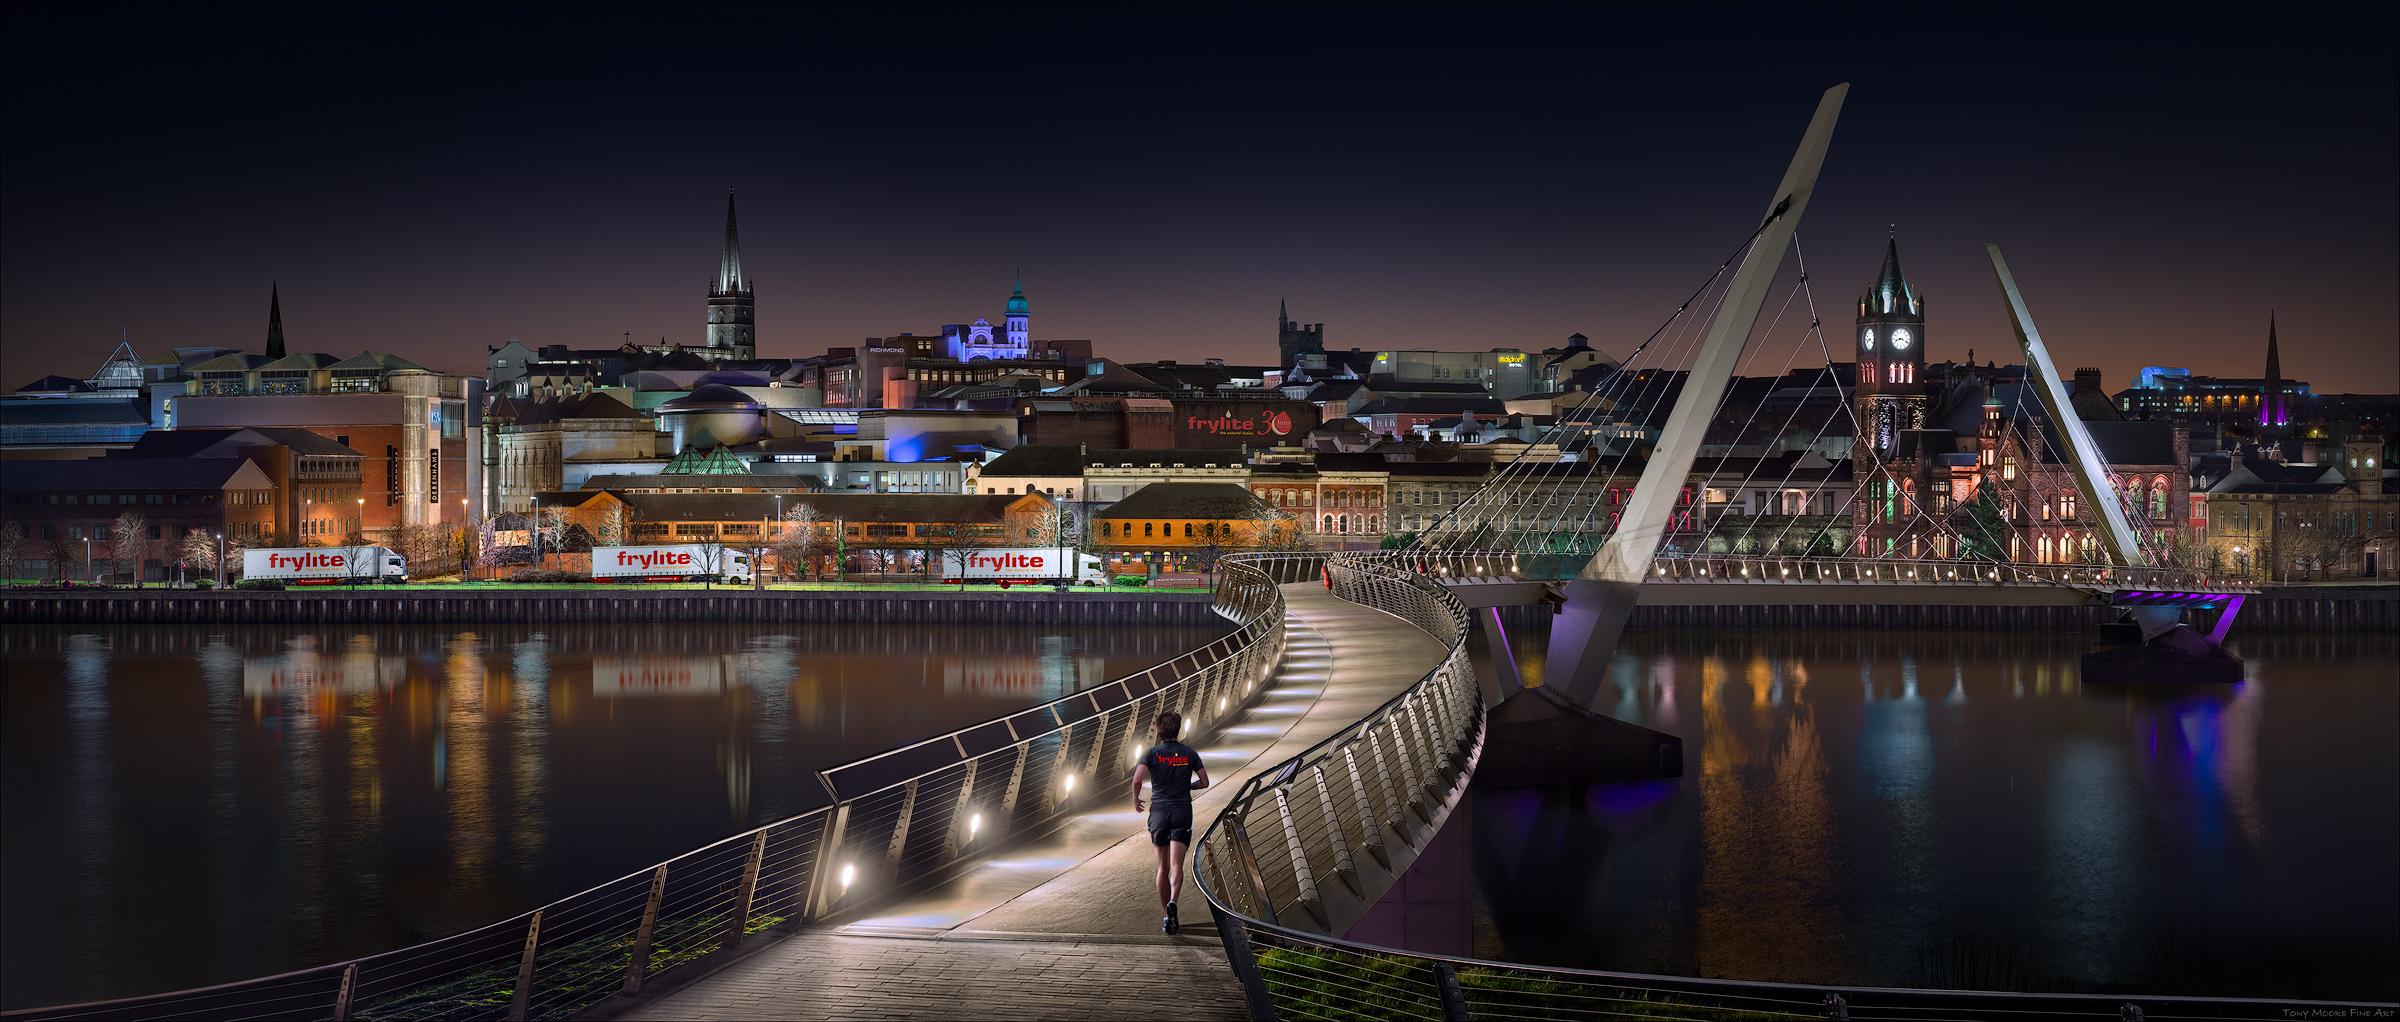 Frylite, Derry